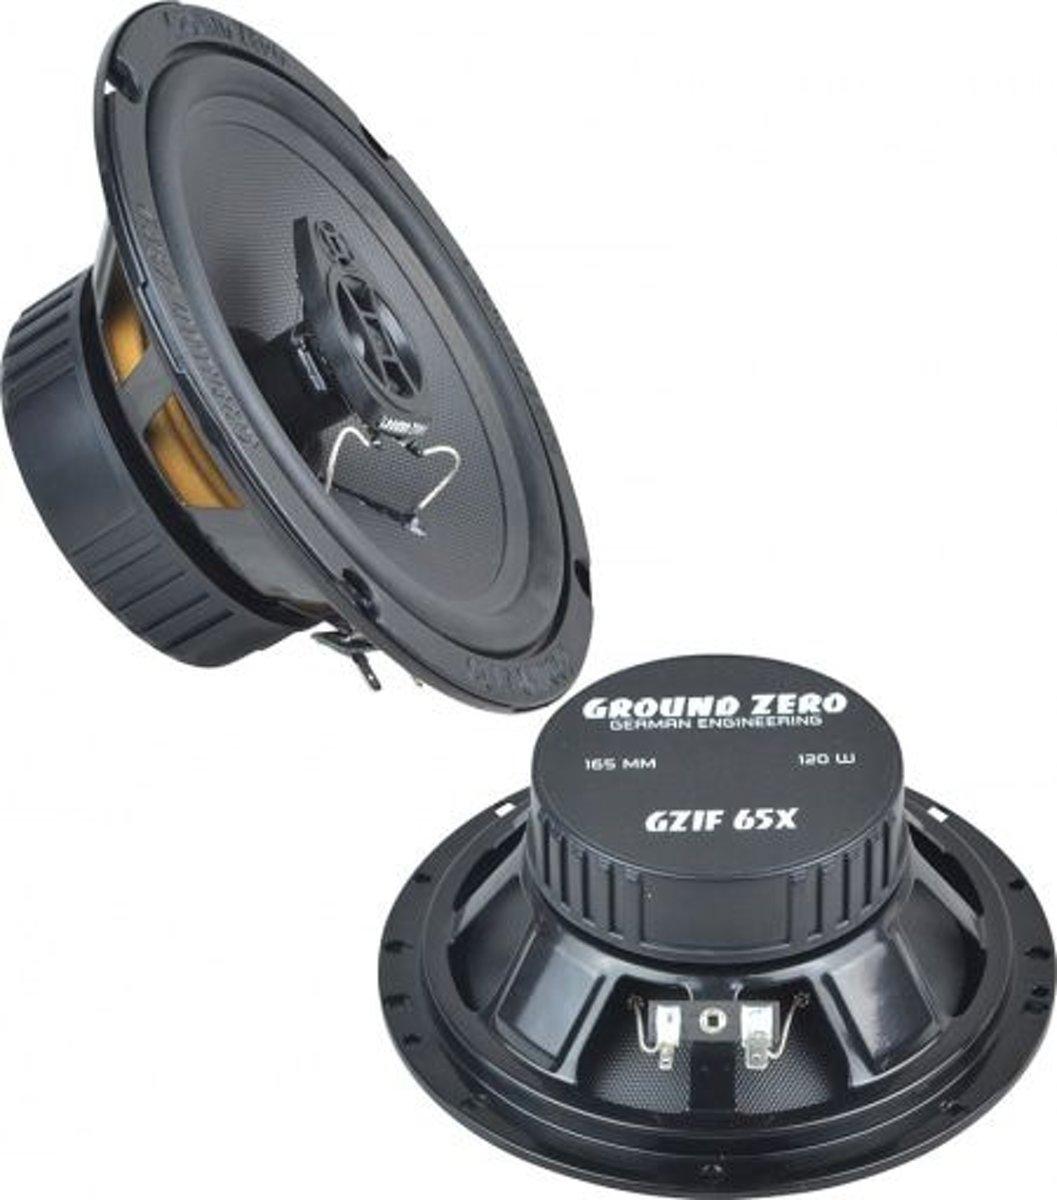 Ground Zero GZIF 65X Auto Speakerset 16.5cm - coaxiaal